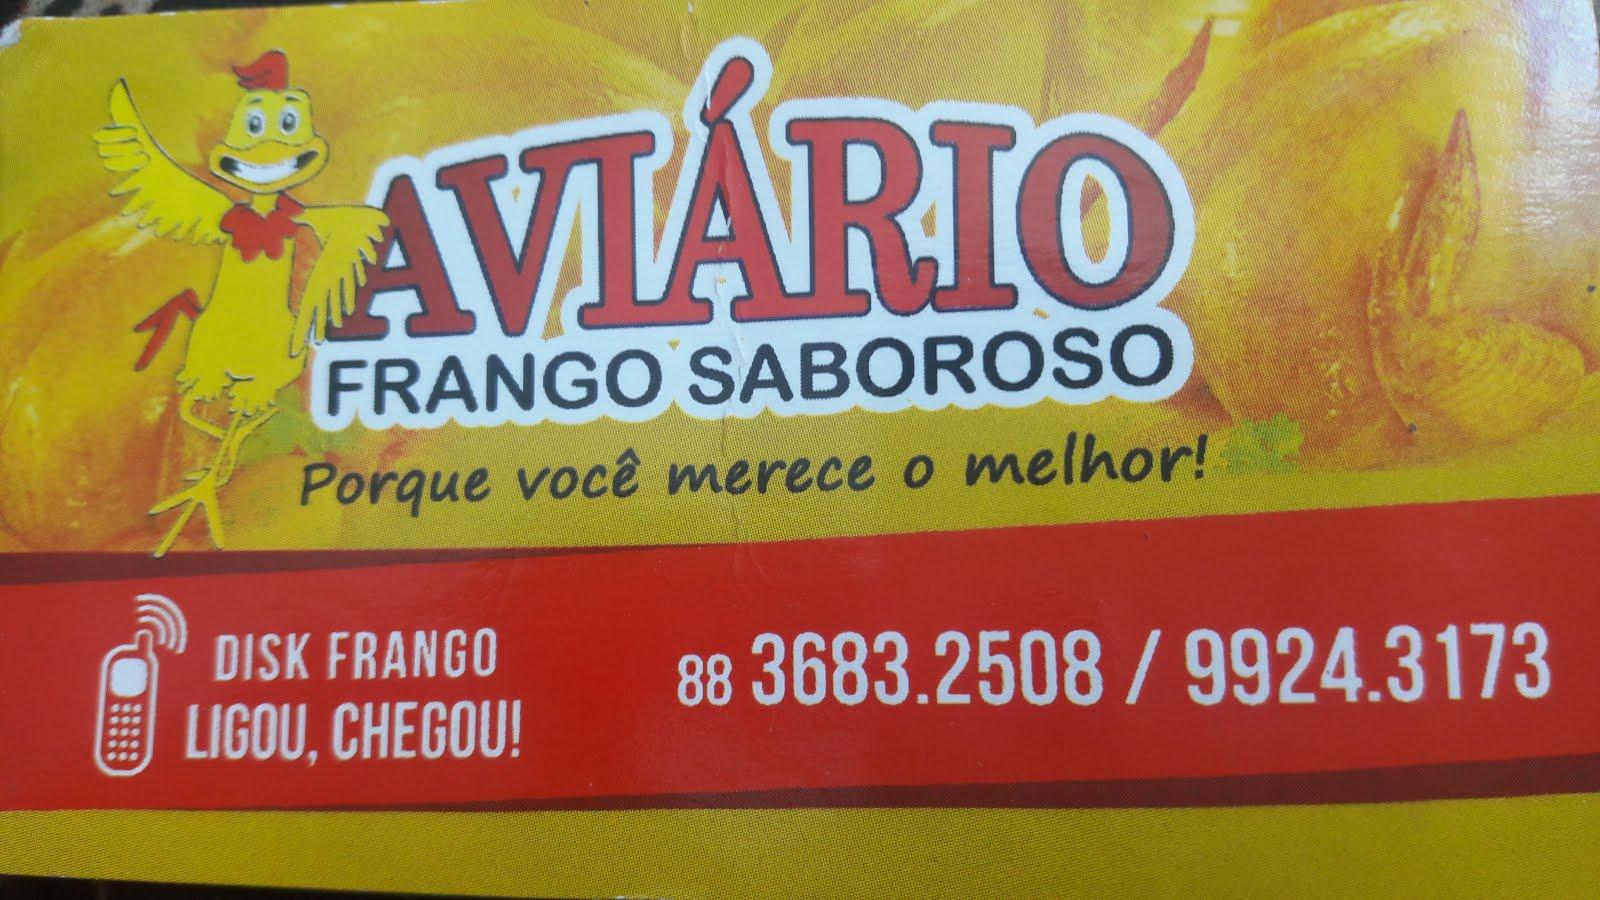 AVIÁRIO FRANGO SABOROSO,Porque você merece o melhor